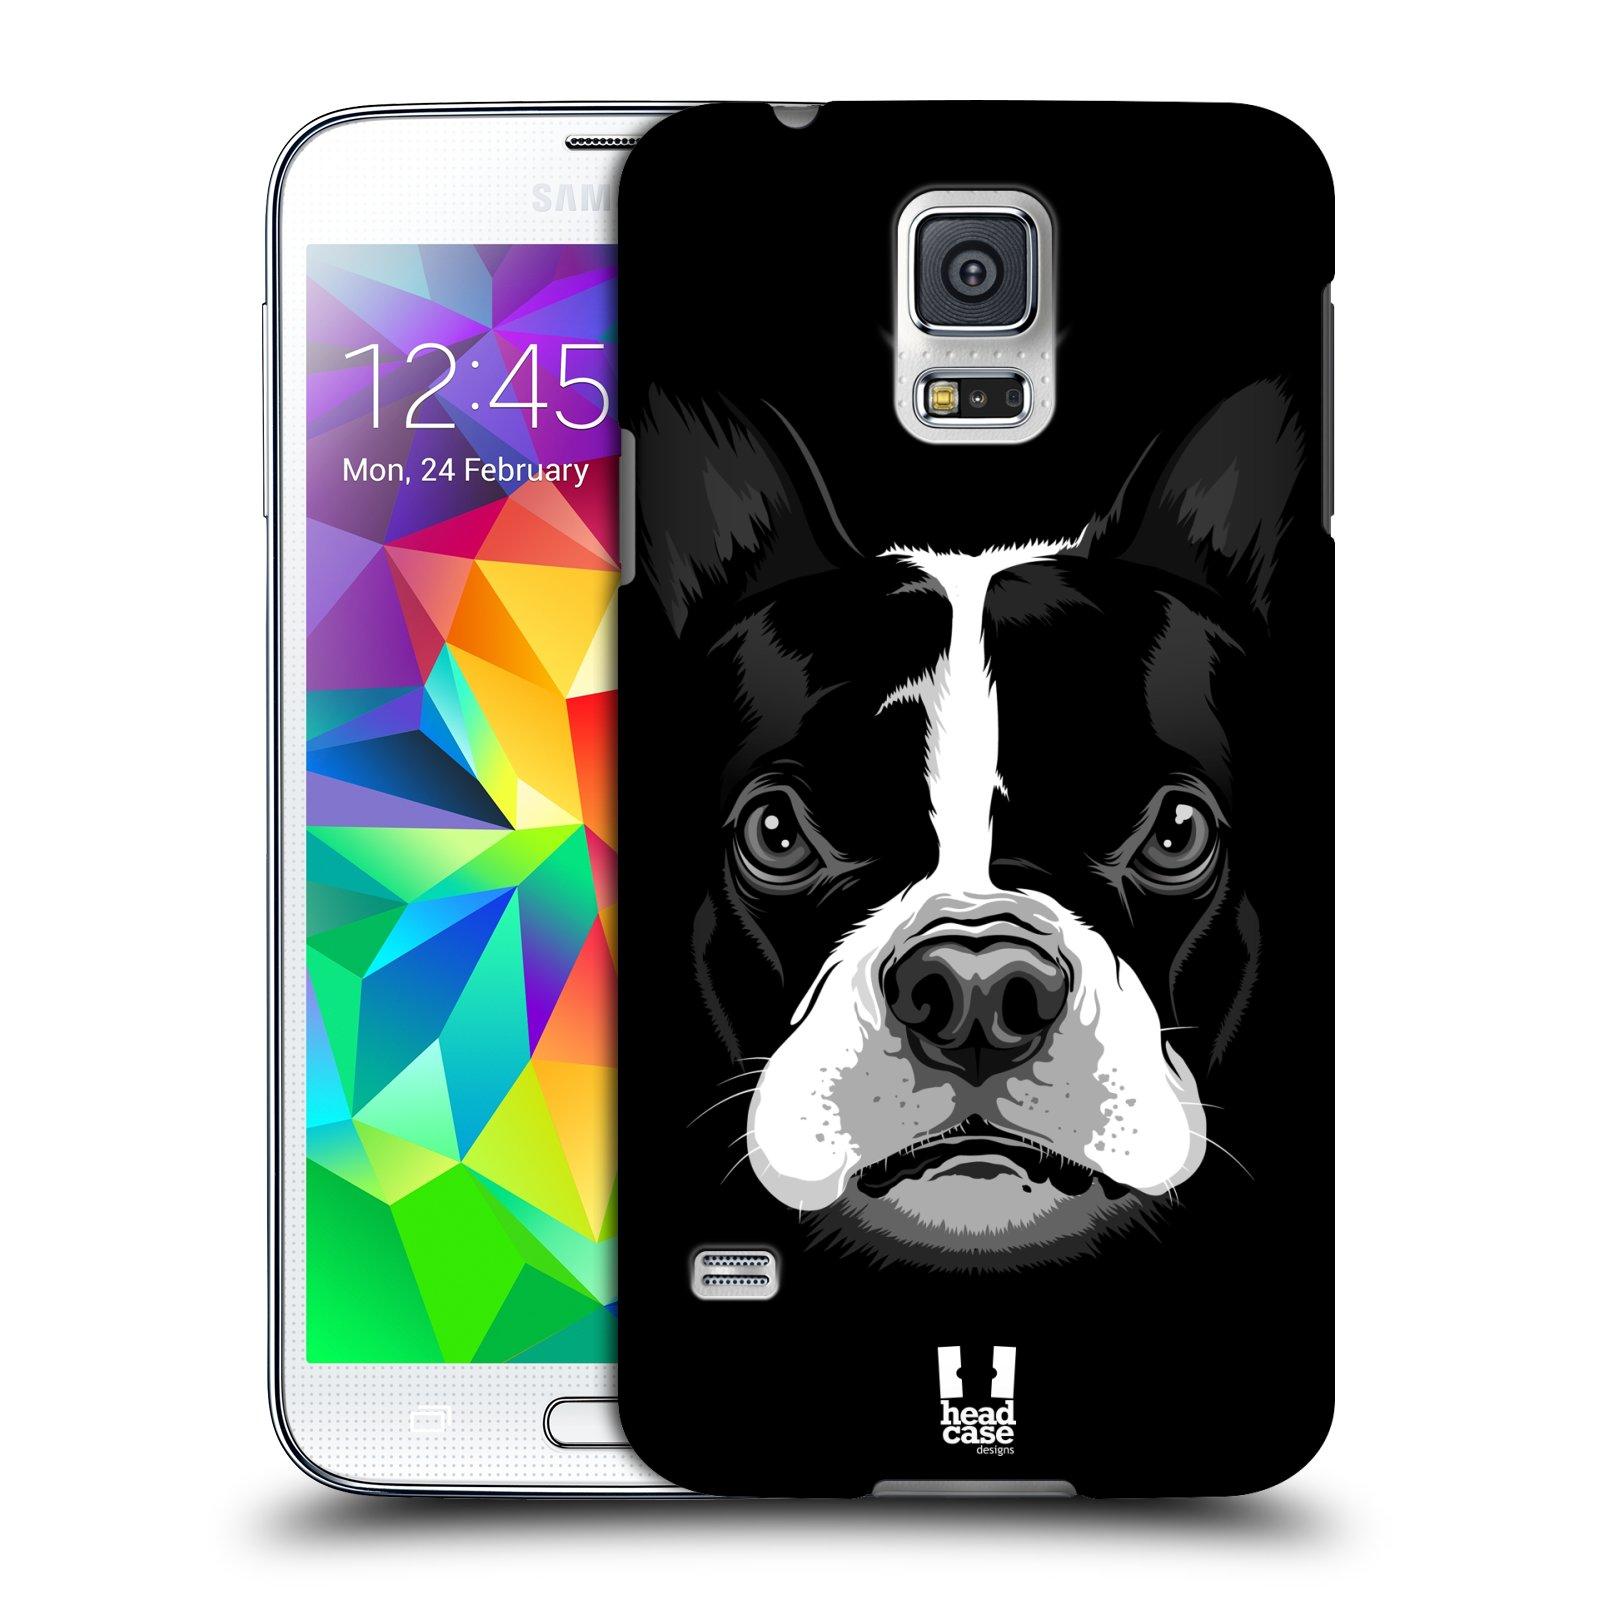 Plastové pouzdro na mobil Samsung Galaxy S5 HEAD CASE ILUSTROVANÝ BULDOČEK